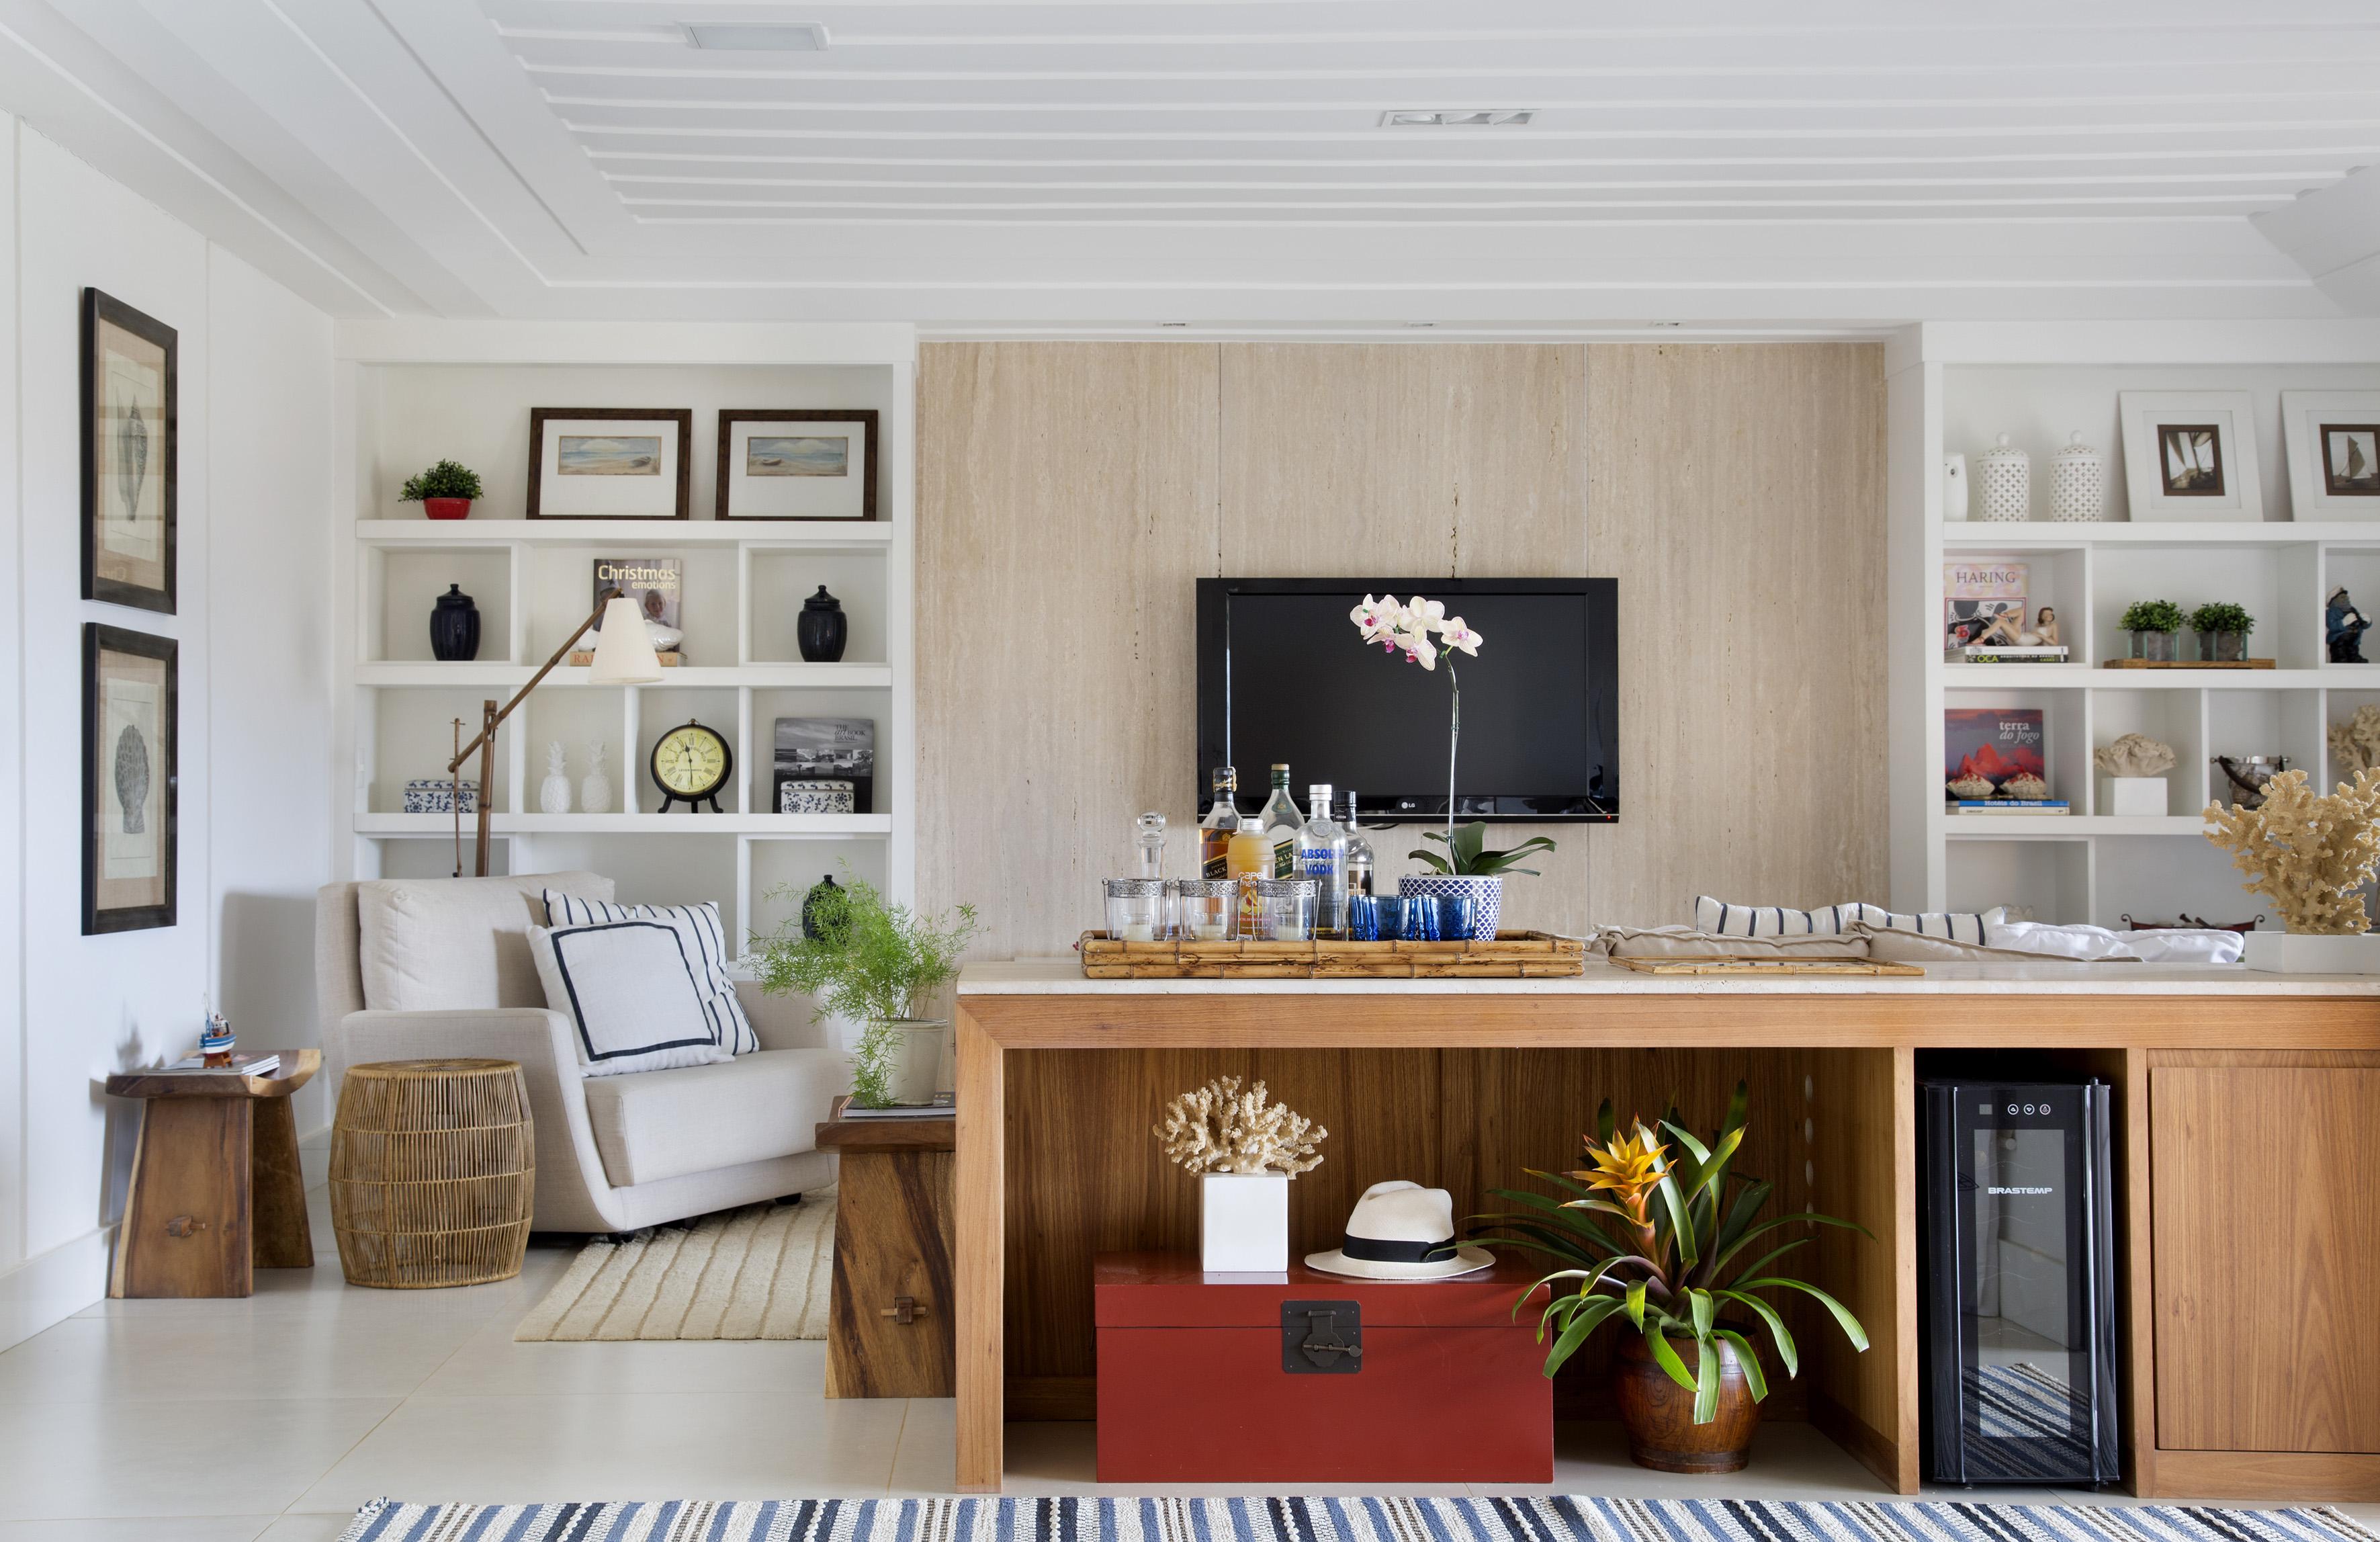 1-casa-em-buzios-foi-inspirada-no-glamour-nautico-dos-hamptons-sala